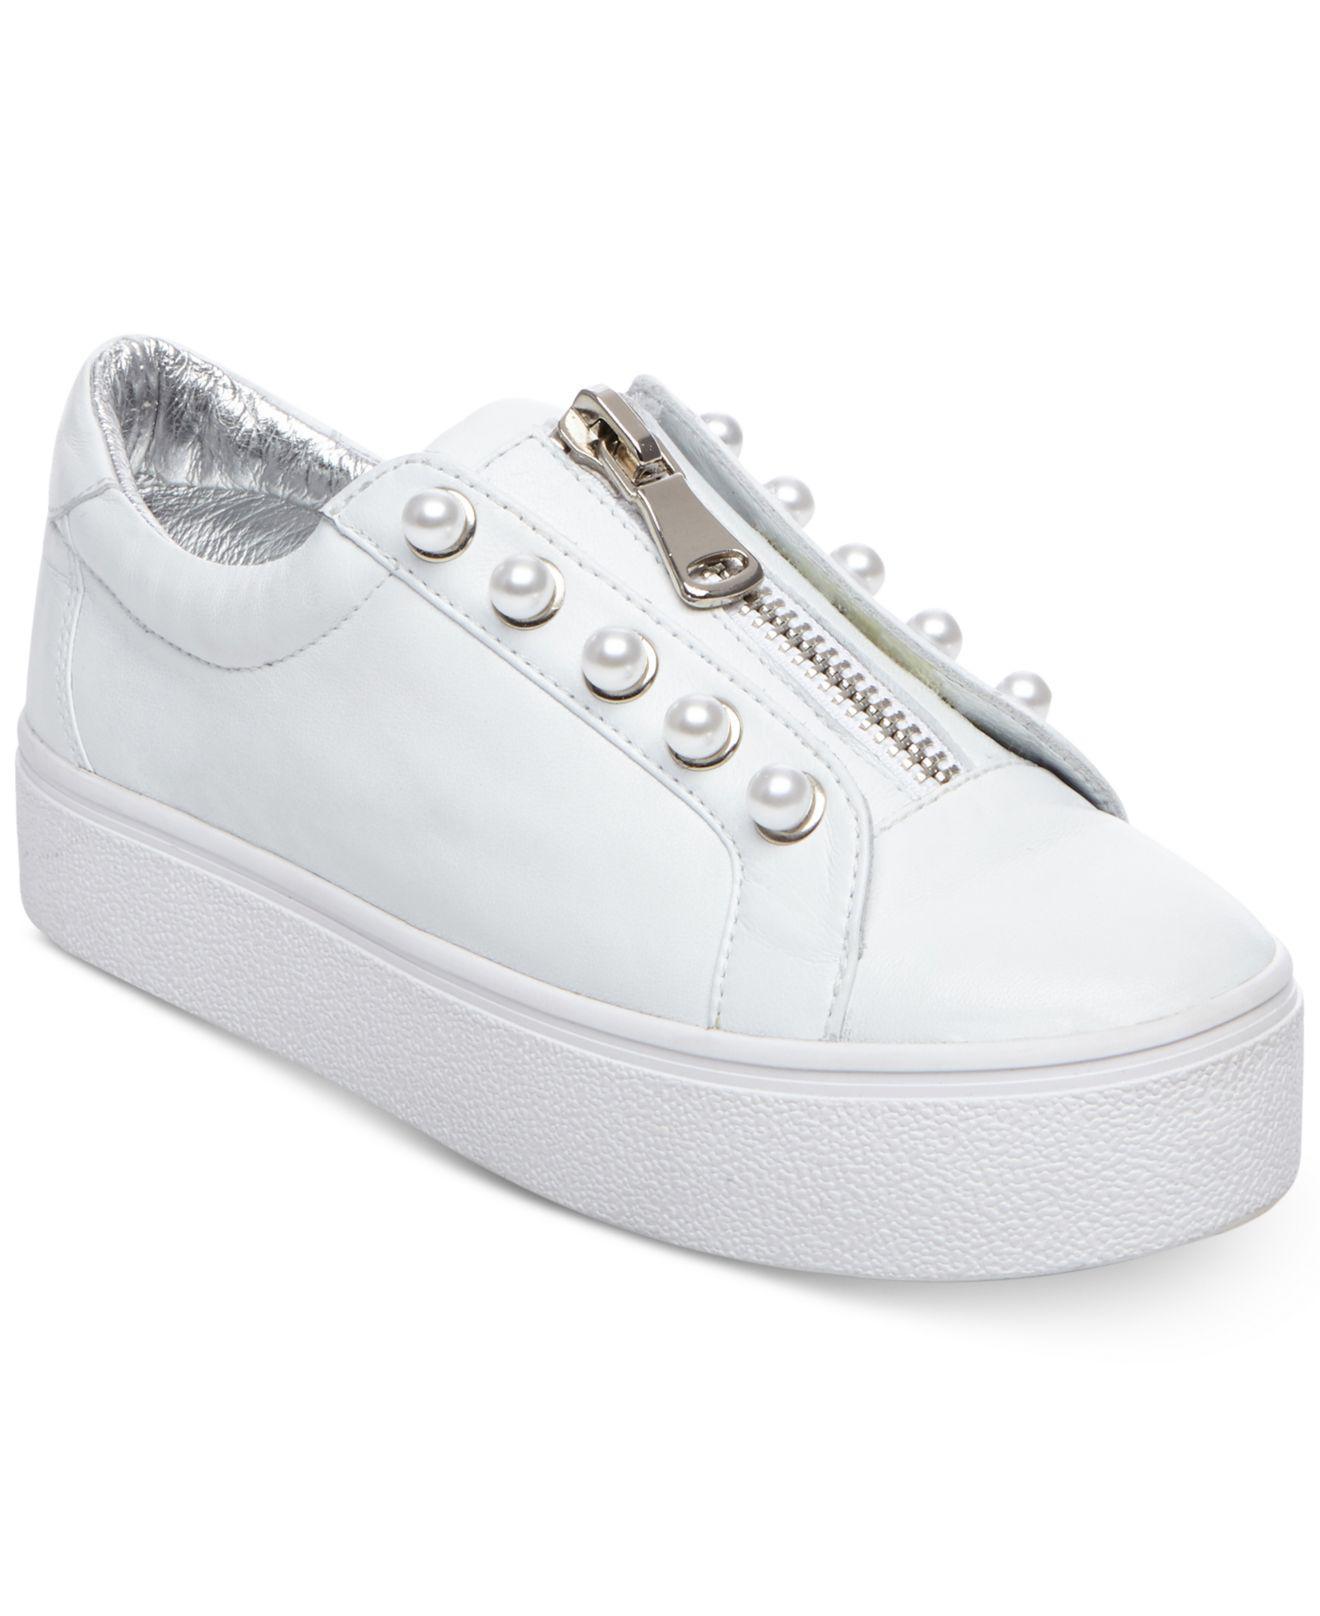 Steve Madden Lynn Flatform Sneaker (Women's) ffJjdSffS